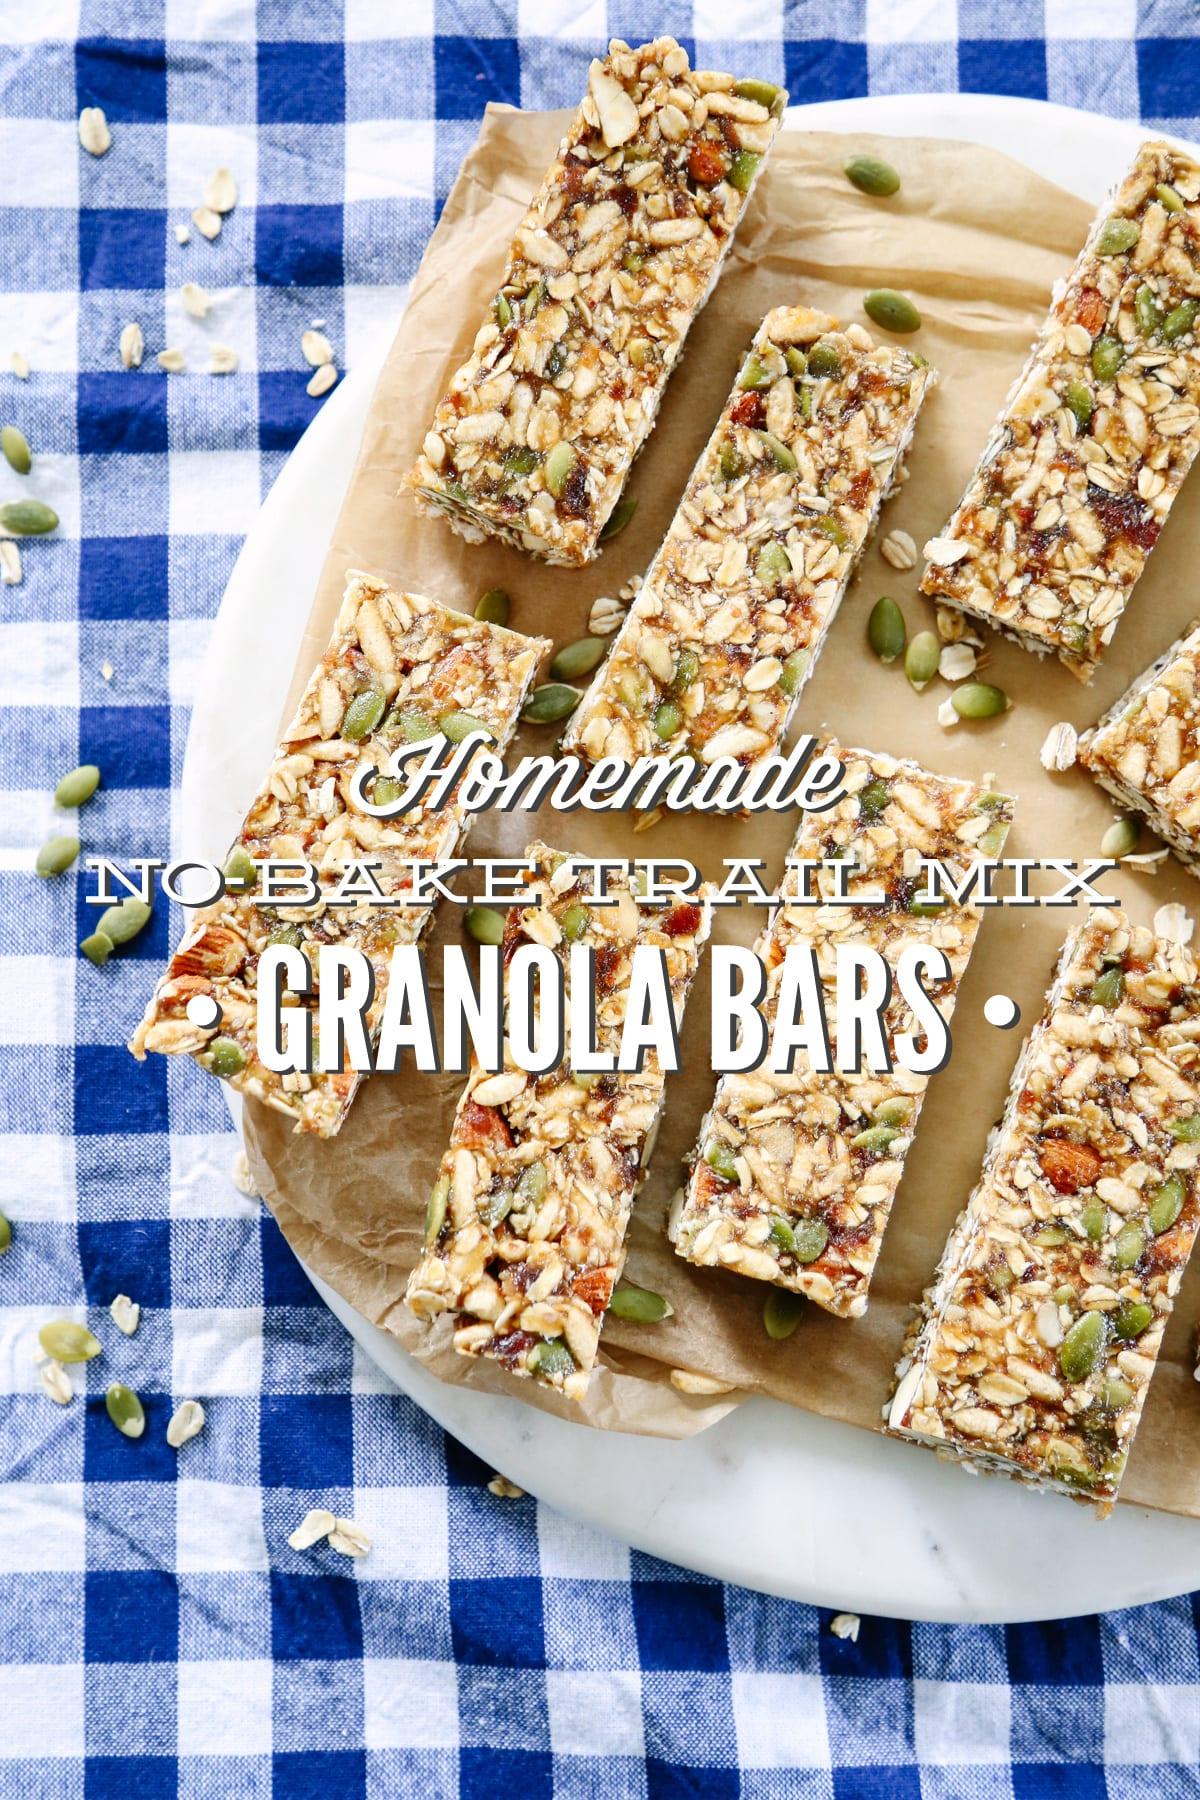 Homemade no bake trail mix granola bars freezer friendly live simply solutioingenieria Choice Image